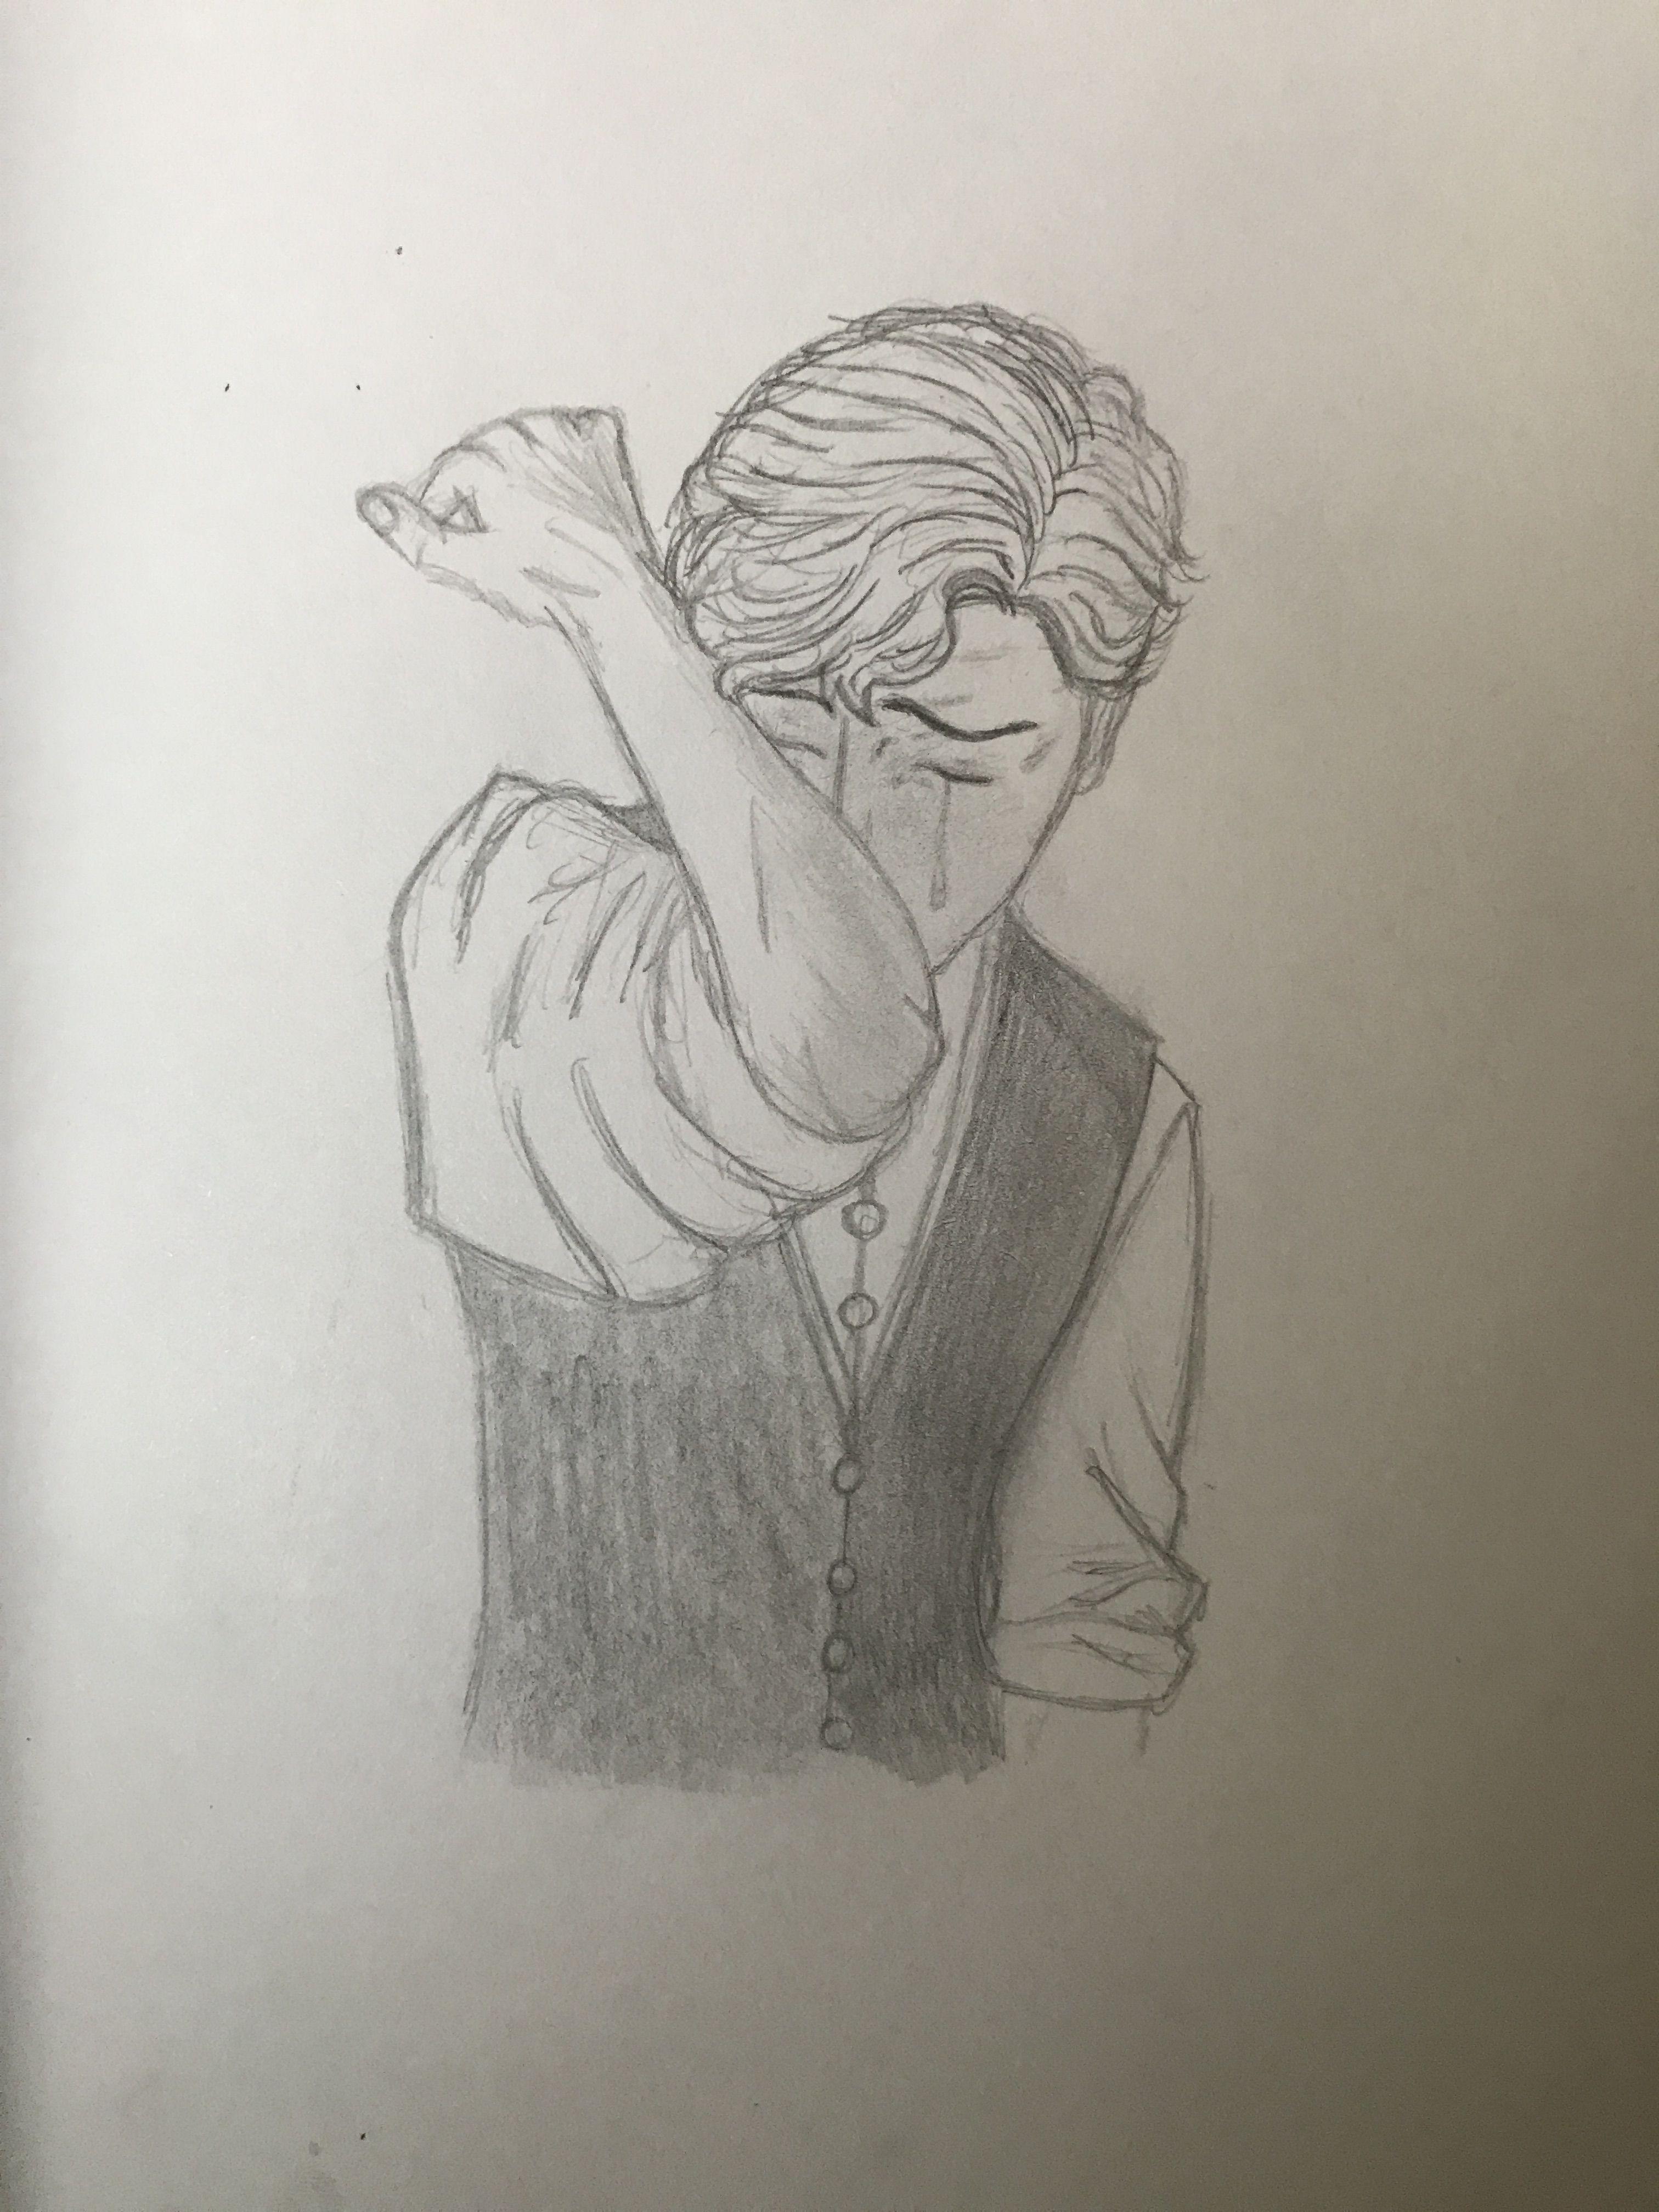 Crying man drawing